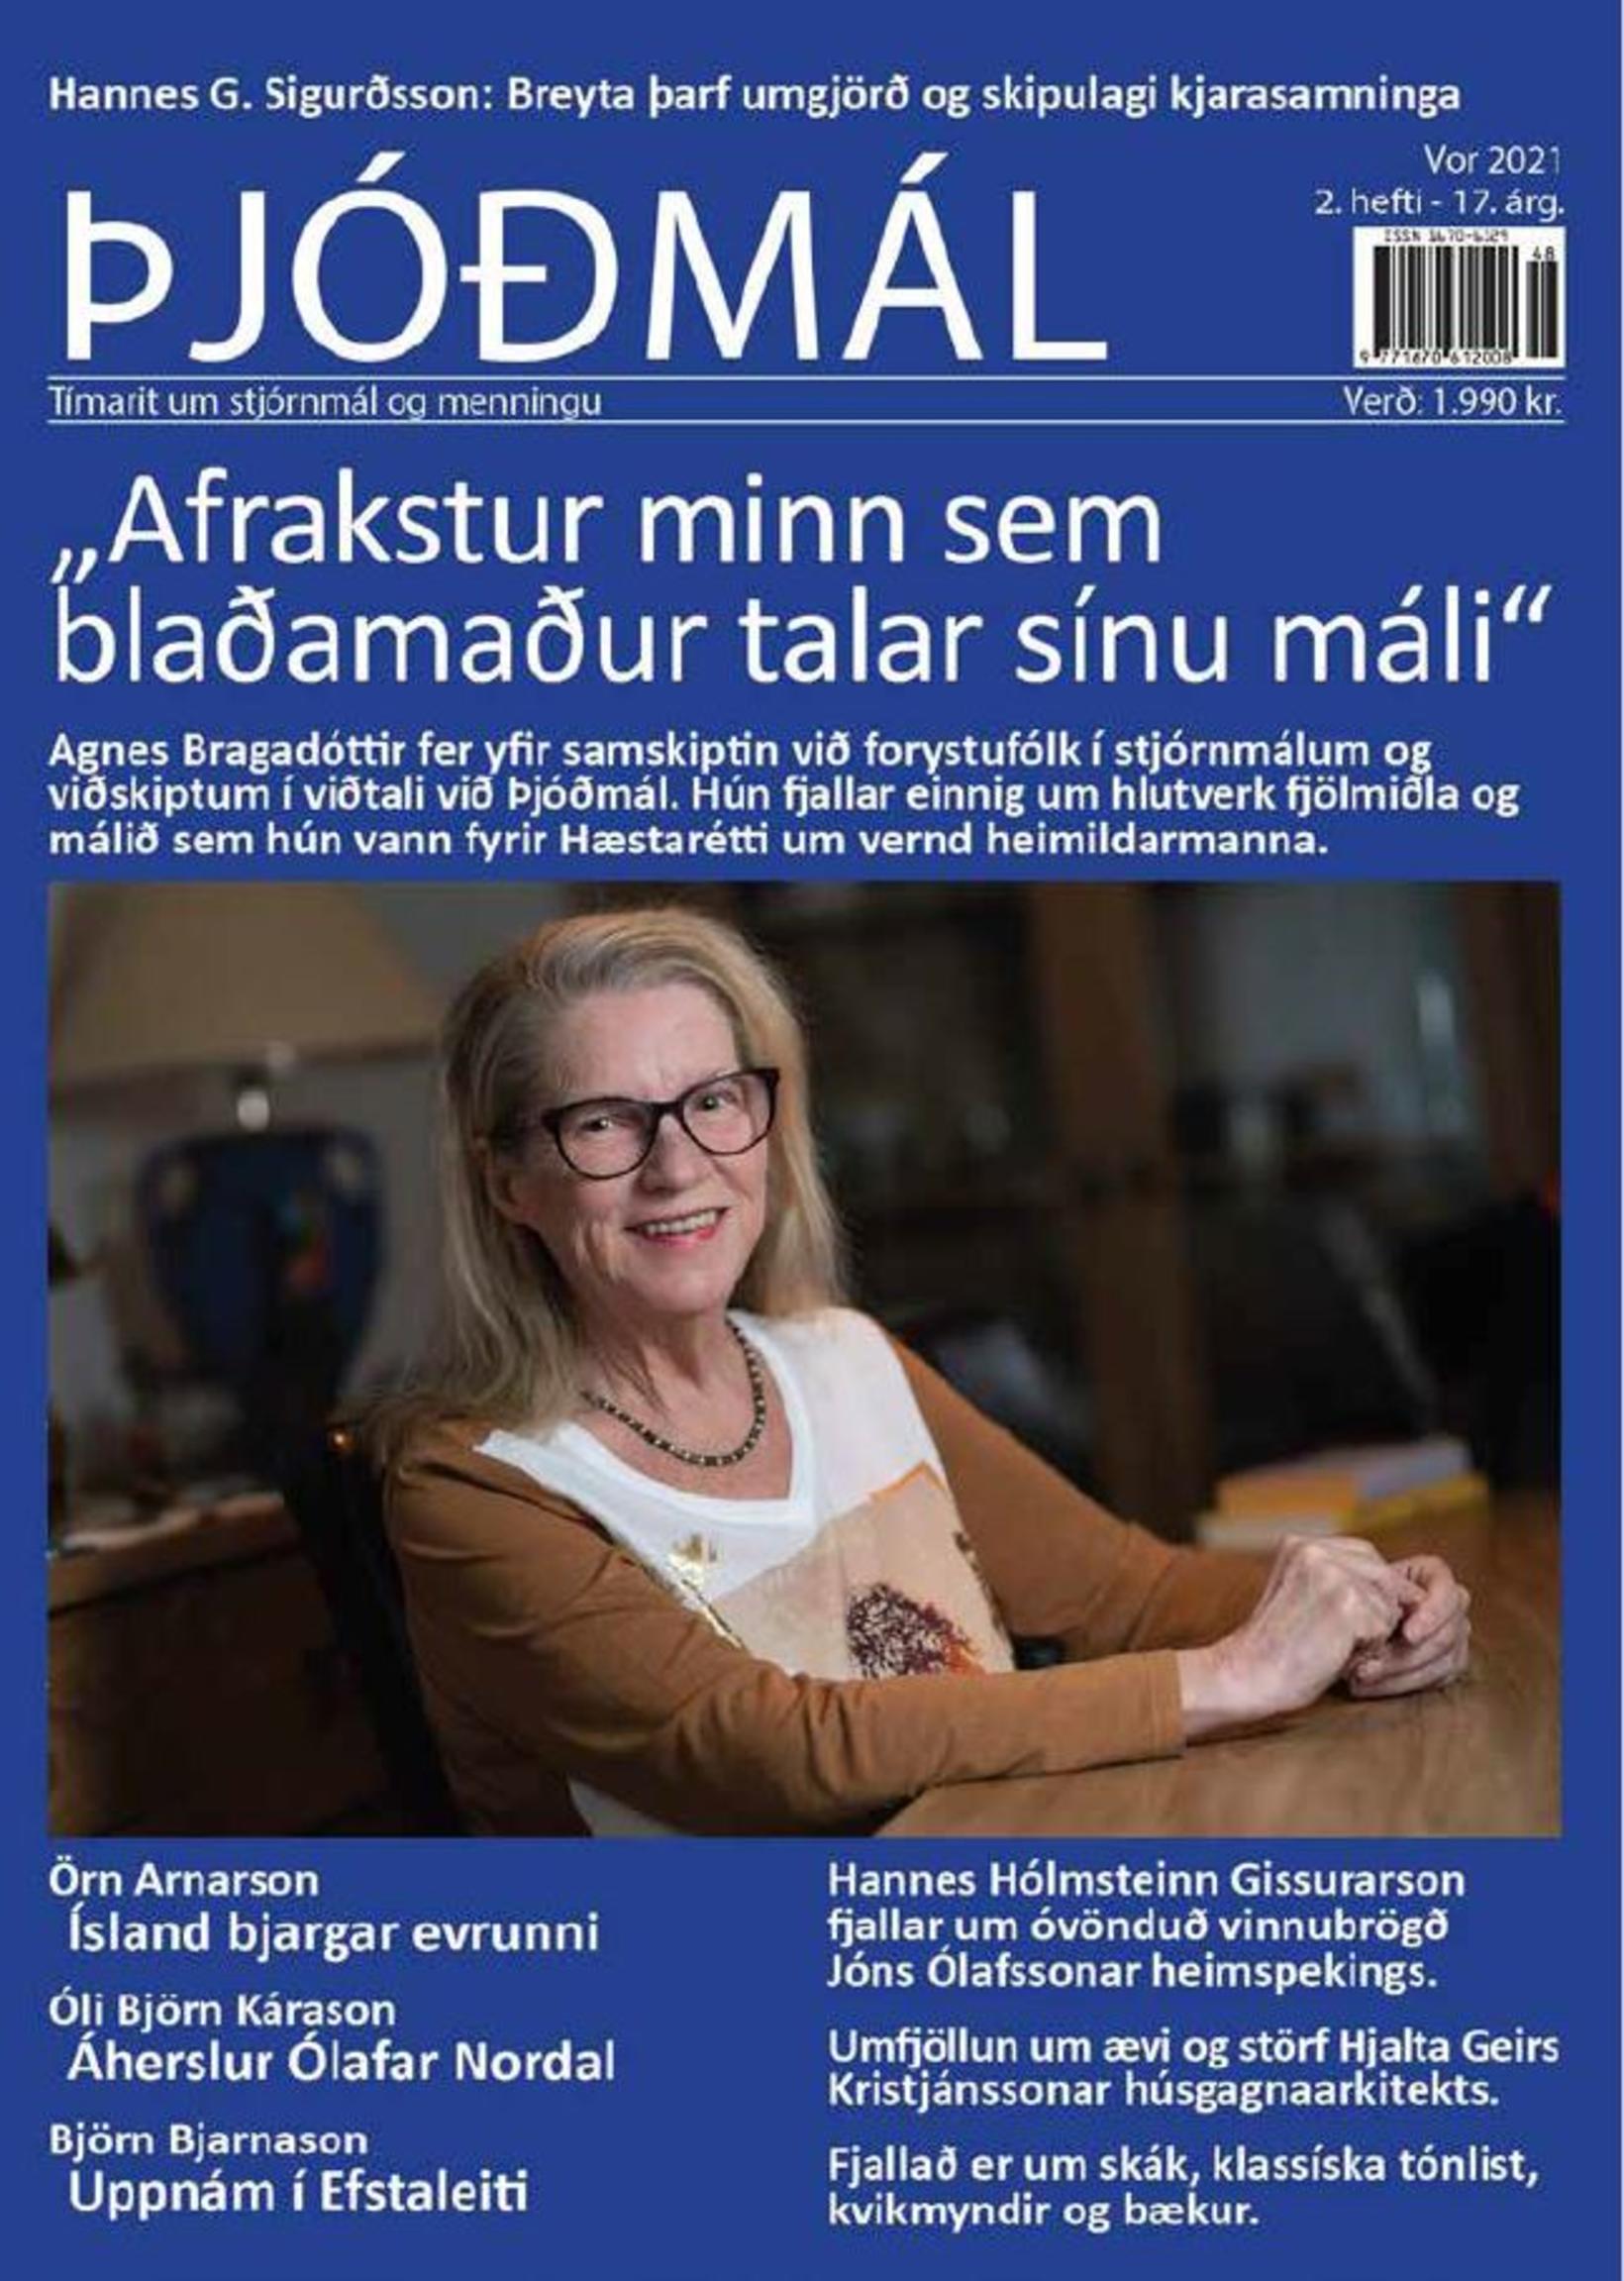 Forsíða Þjóðmála að þessu sinni.